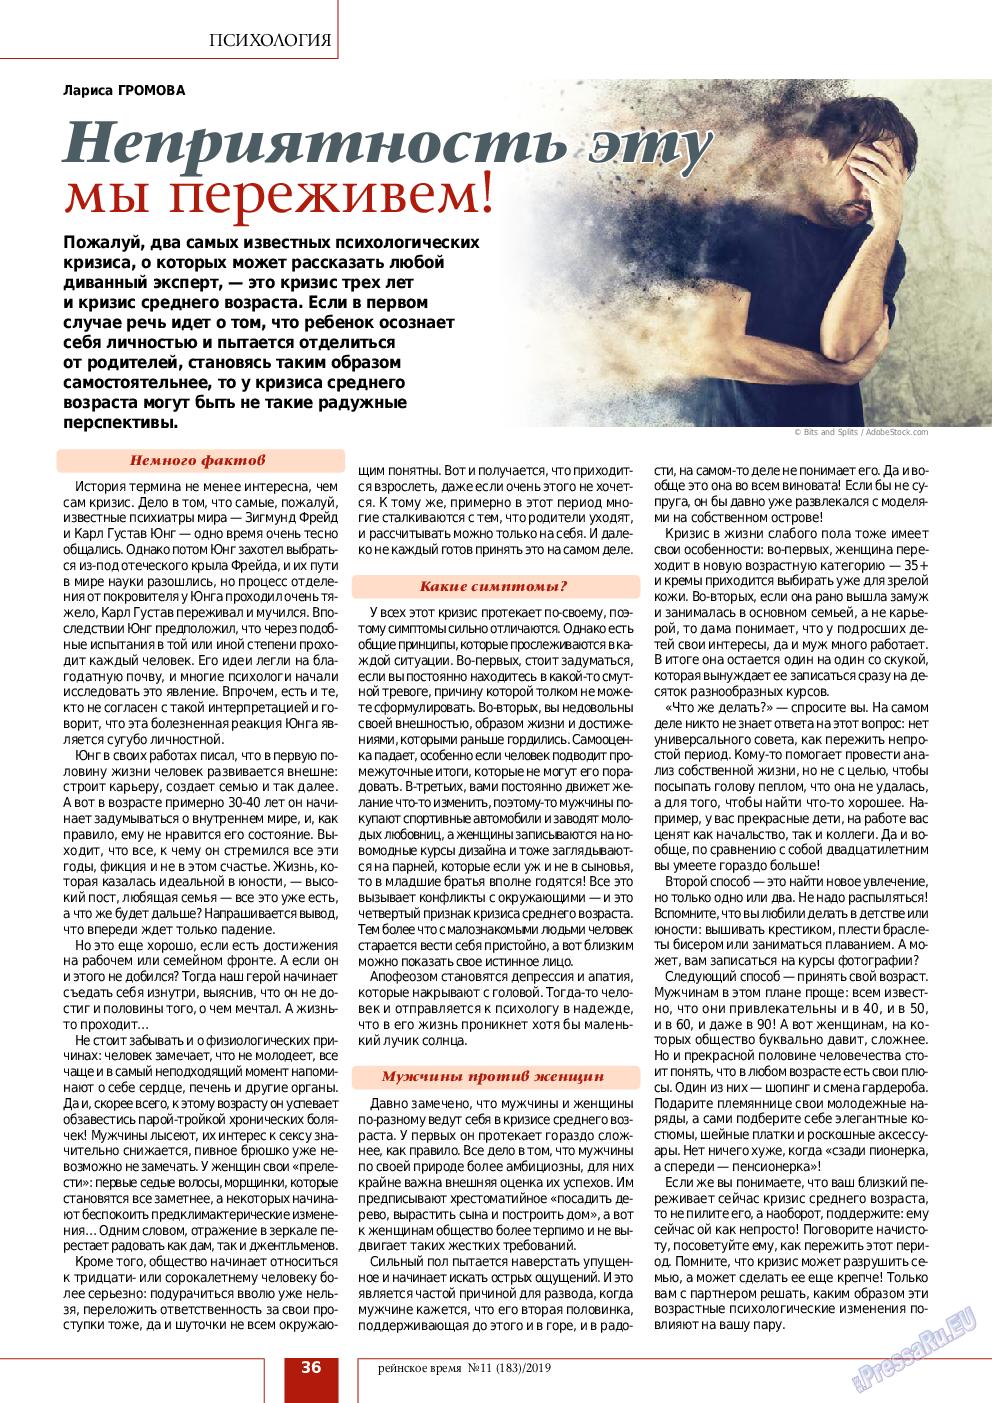 Рейнское время (журнал). 2019 год, номер 11, стр. 36